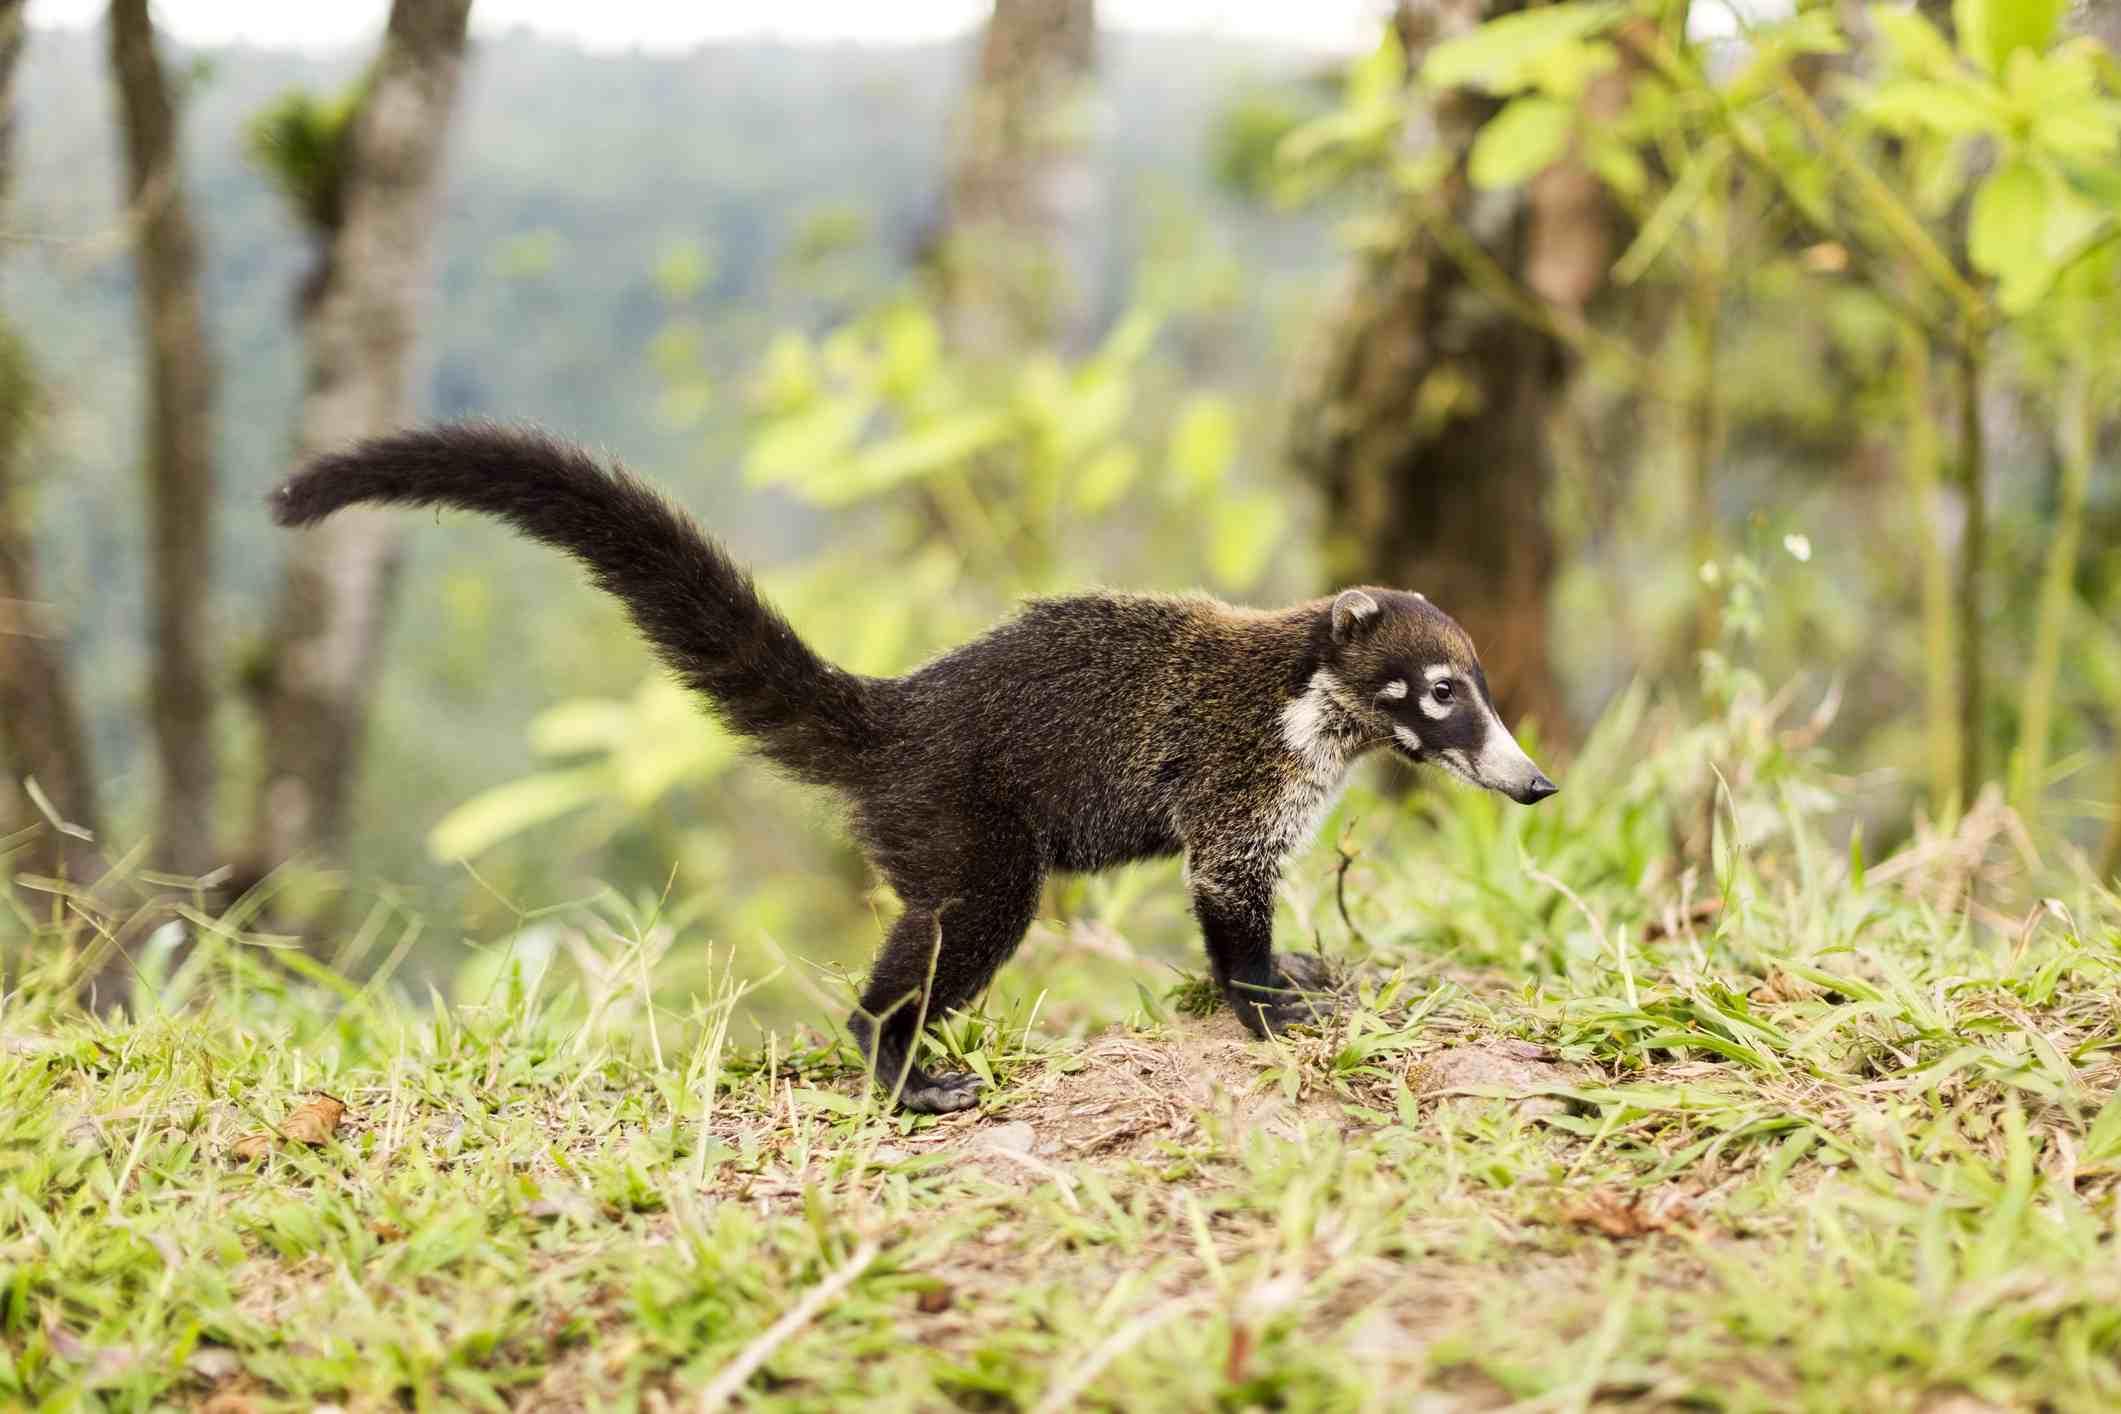 Coati en un bosque , Murciélago frugívoro egipcio colgado boca abajo